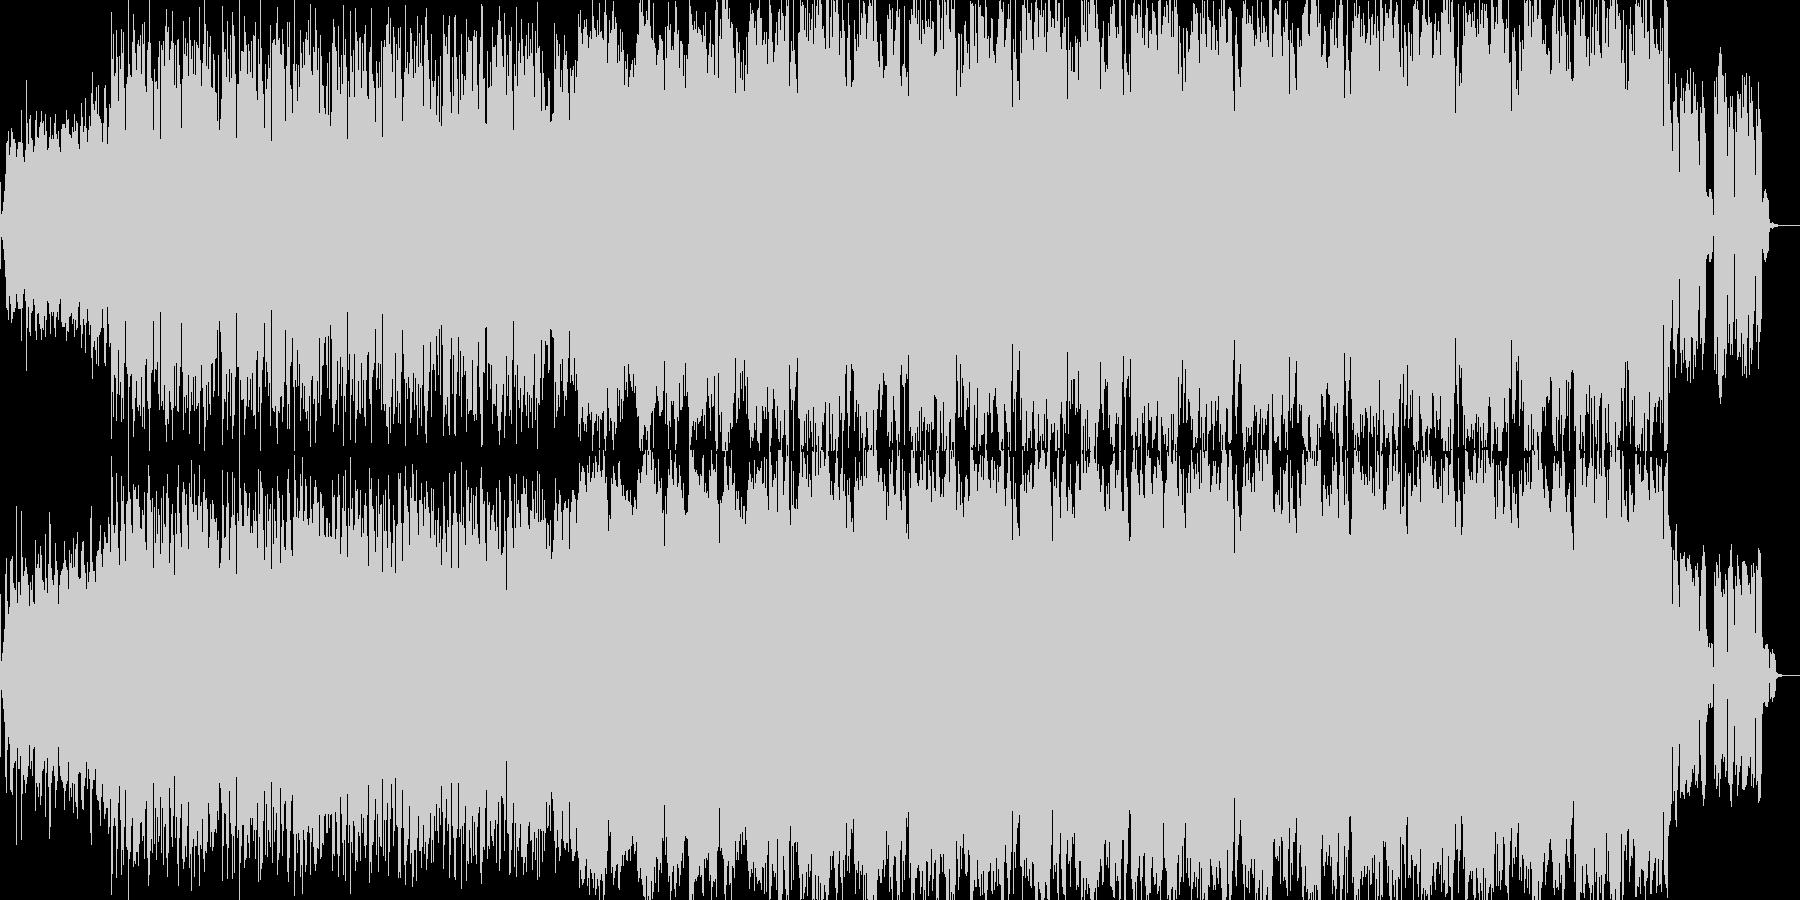 ミステリアスな曲調のサスペンス系BGMの未再生の波形